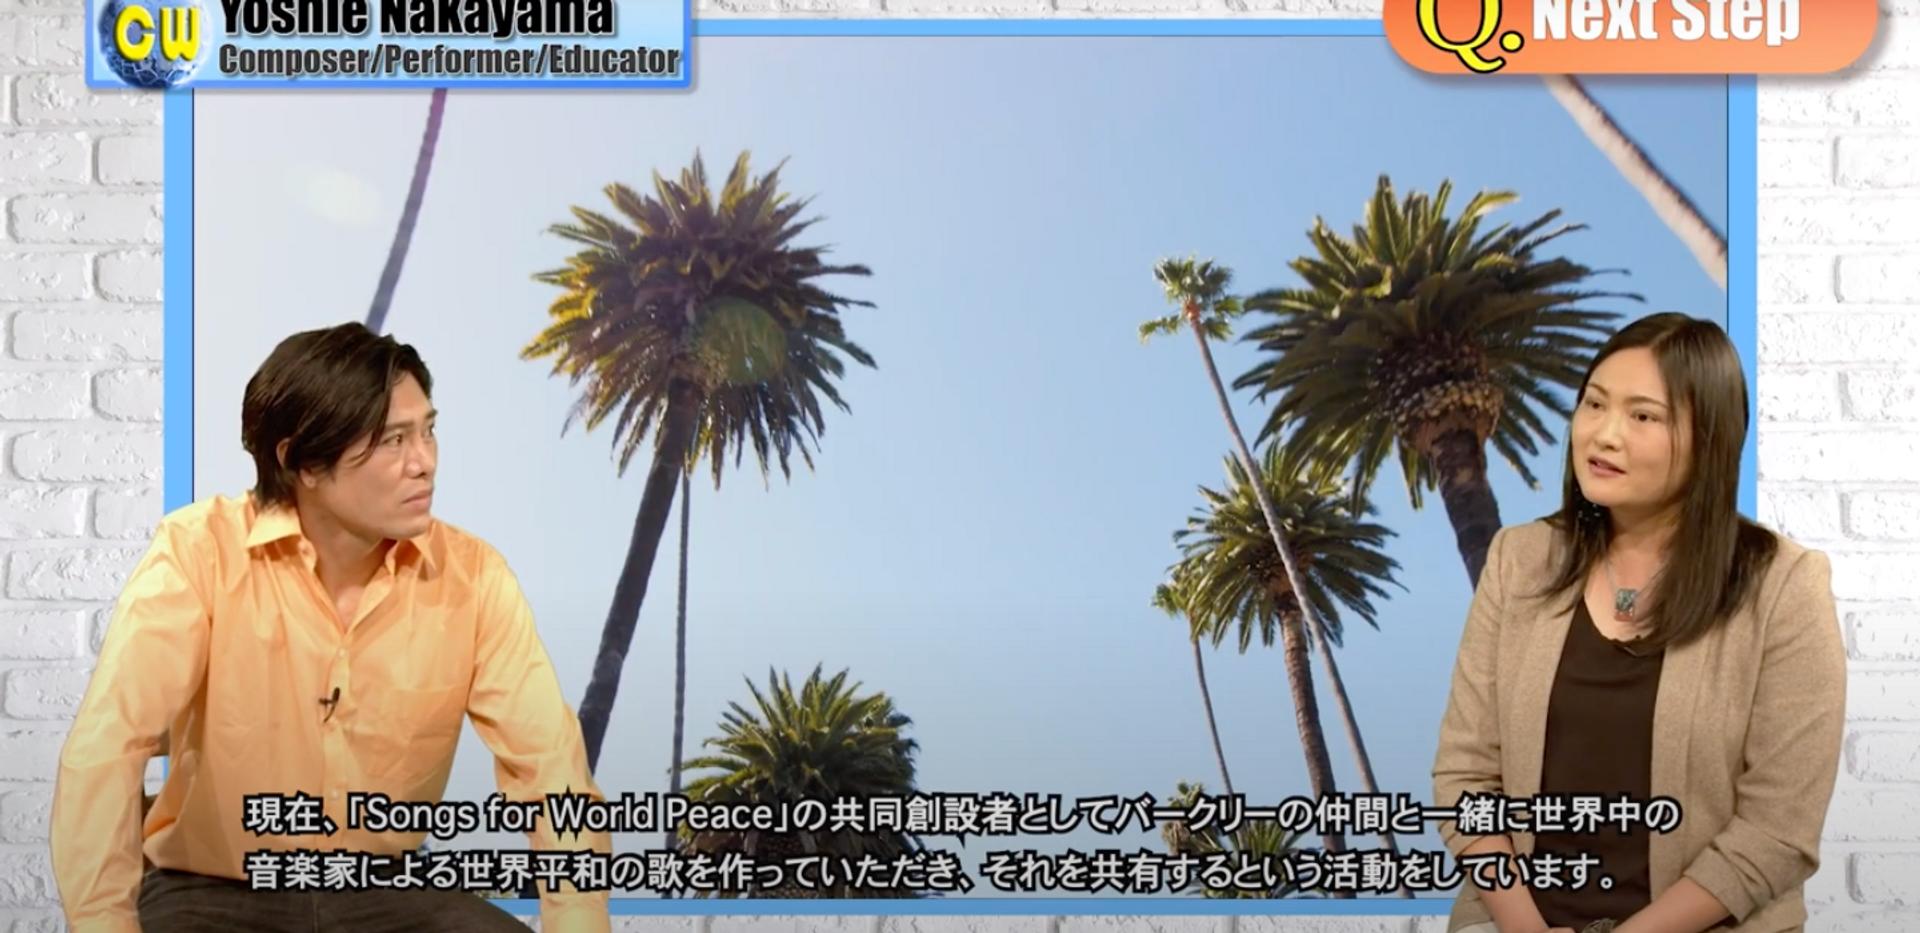 中山義恵 Yoshie Nakayama CW Ep 8 (1/2)